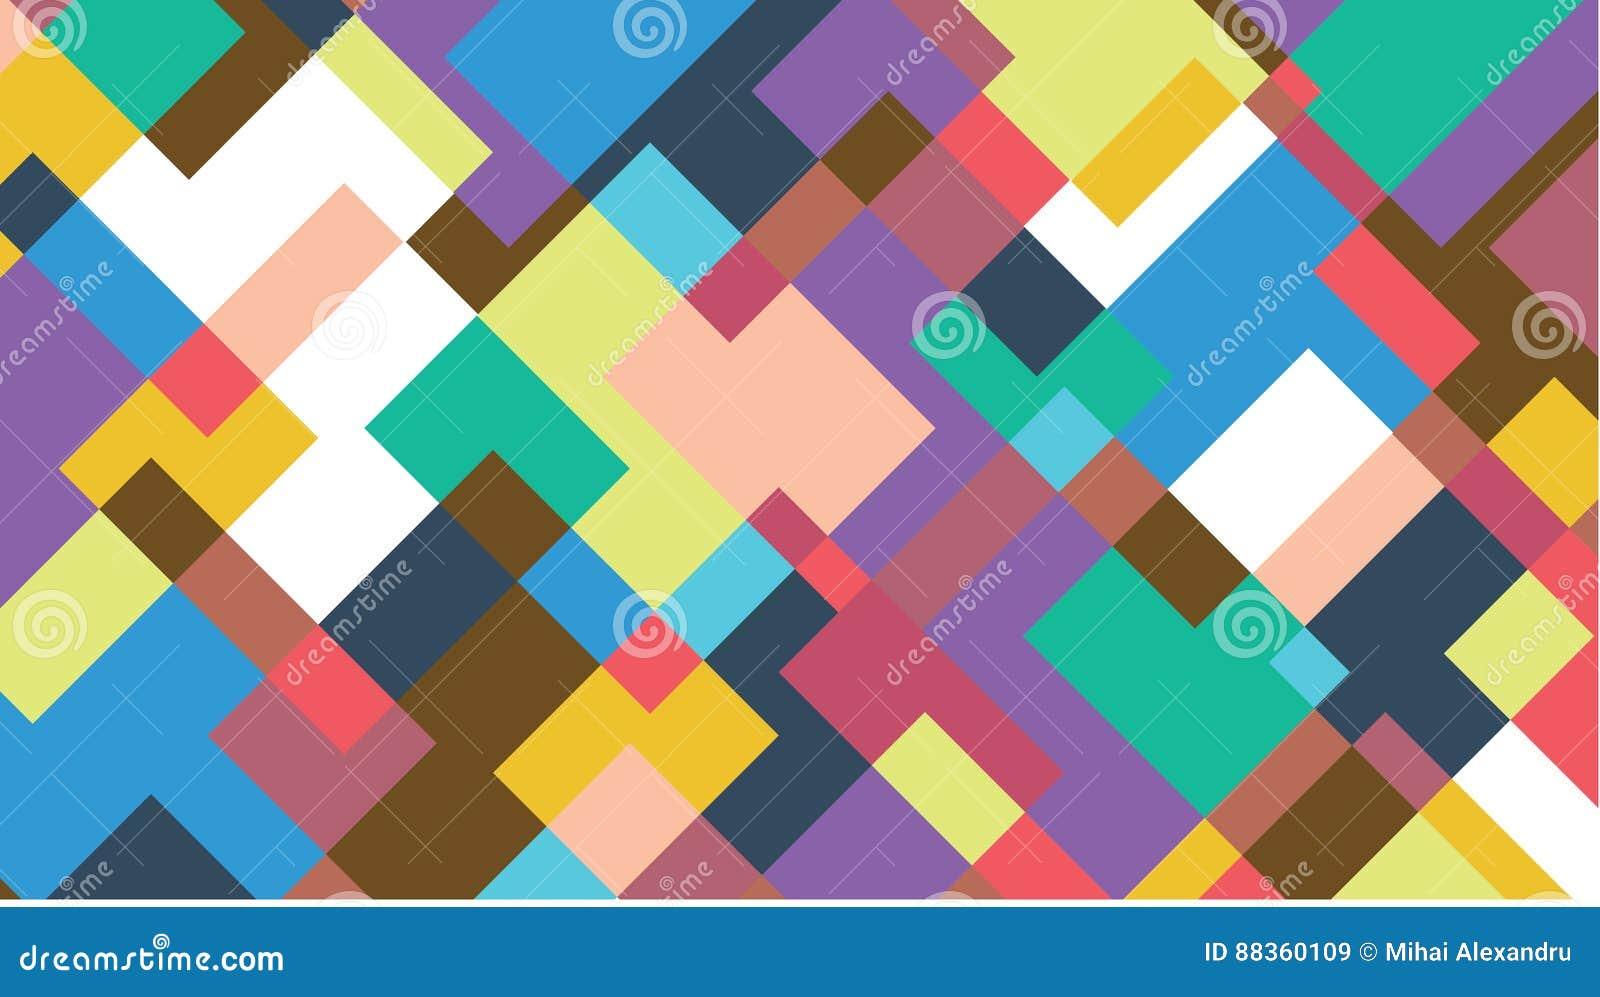 Fondo Abstracto Con Formas Geomtricas Coloridas Vector Gratis